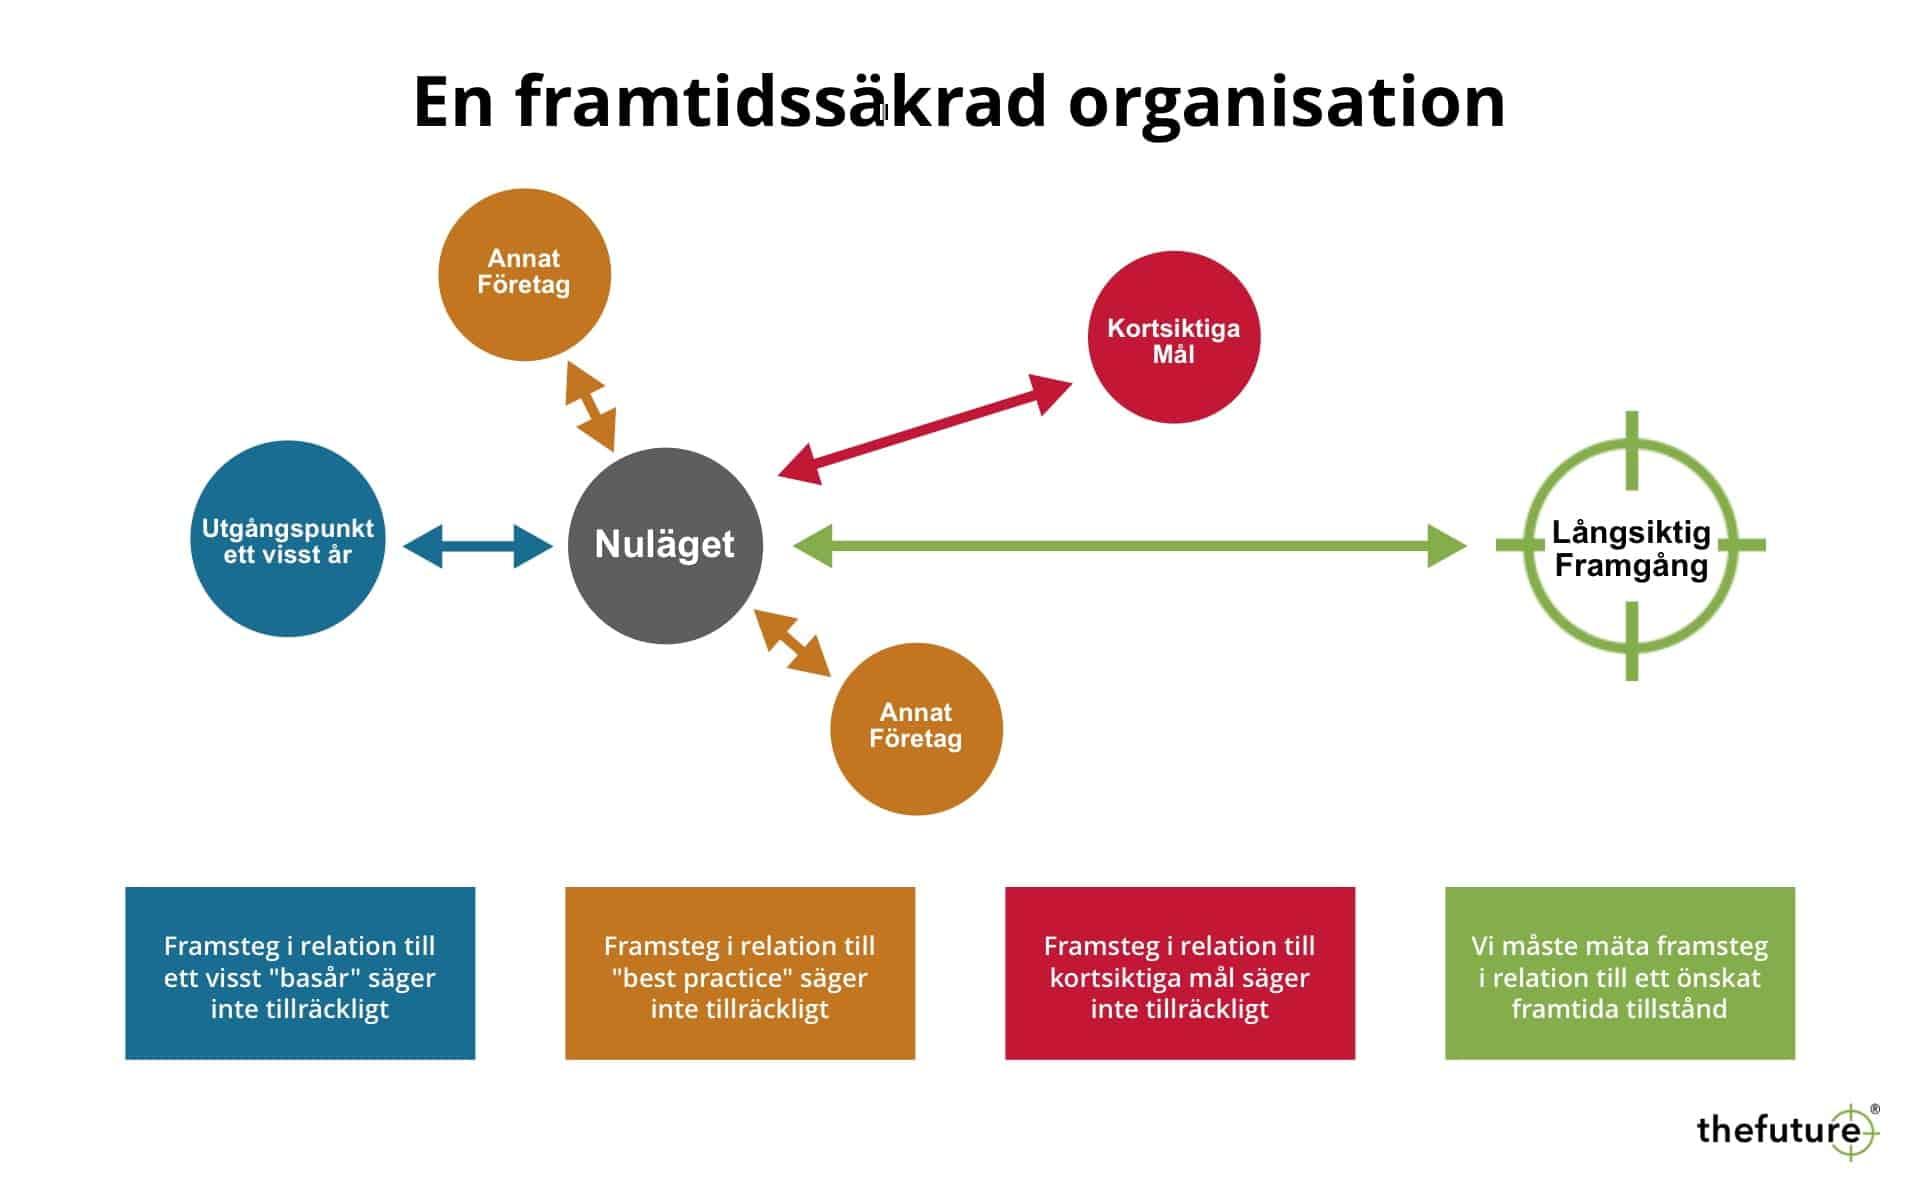 thefuture, En framtidssäkrad organisation